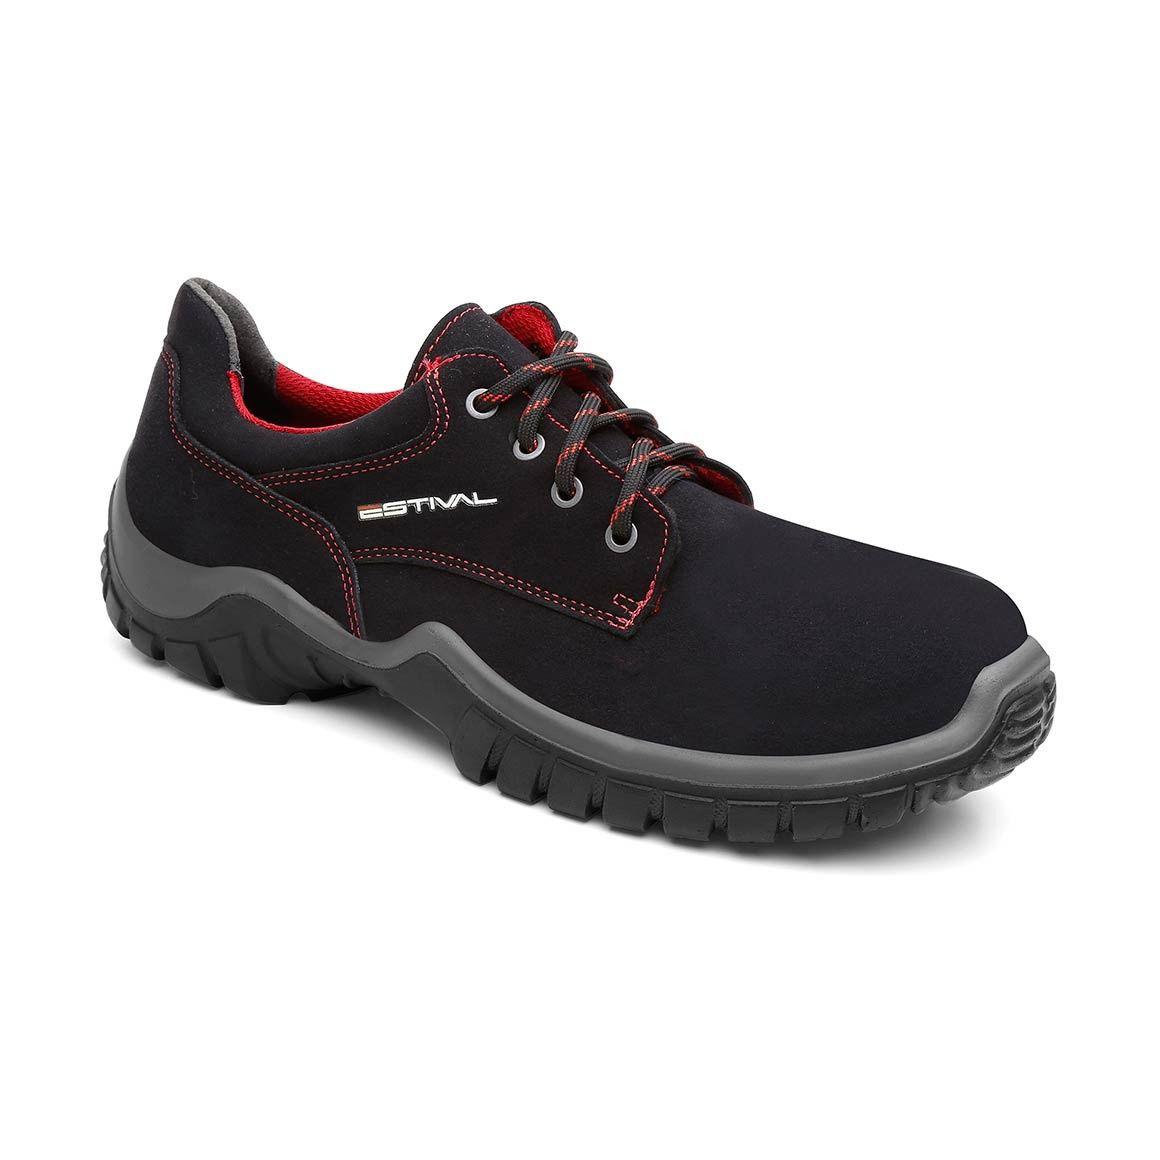 Sapato Ocupacional WO1004 1S2 Rima Em Micro Fibra Cor Preto e Vermelho Estival CA 28140